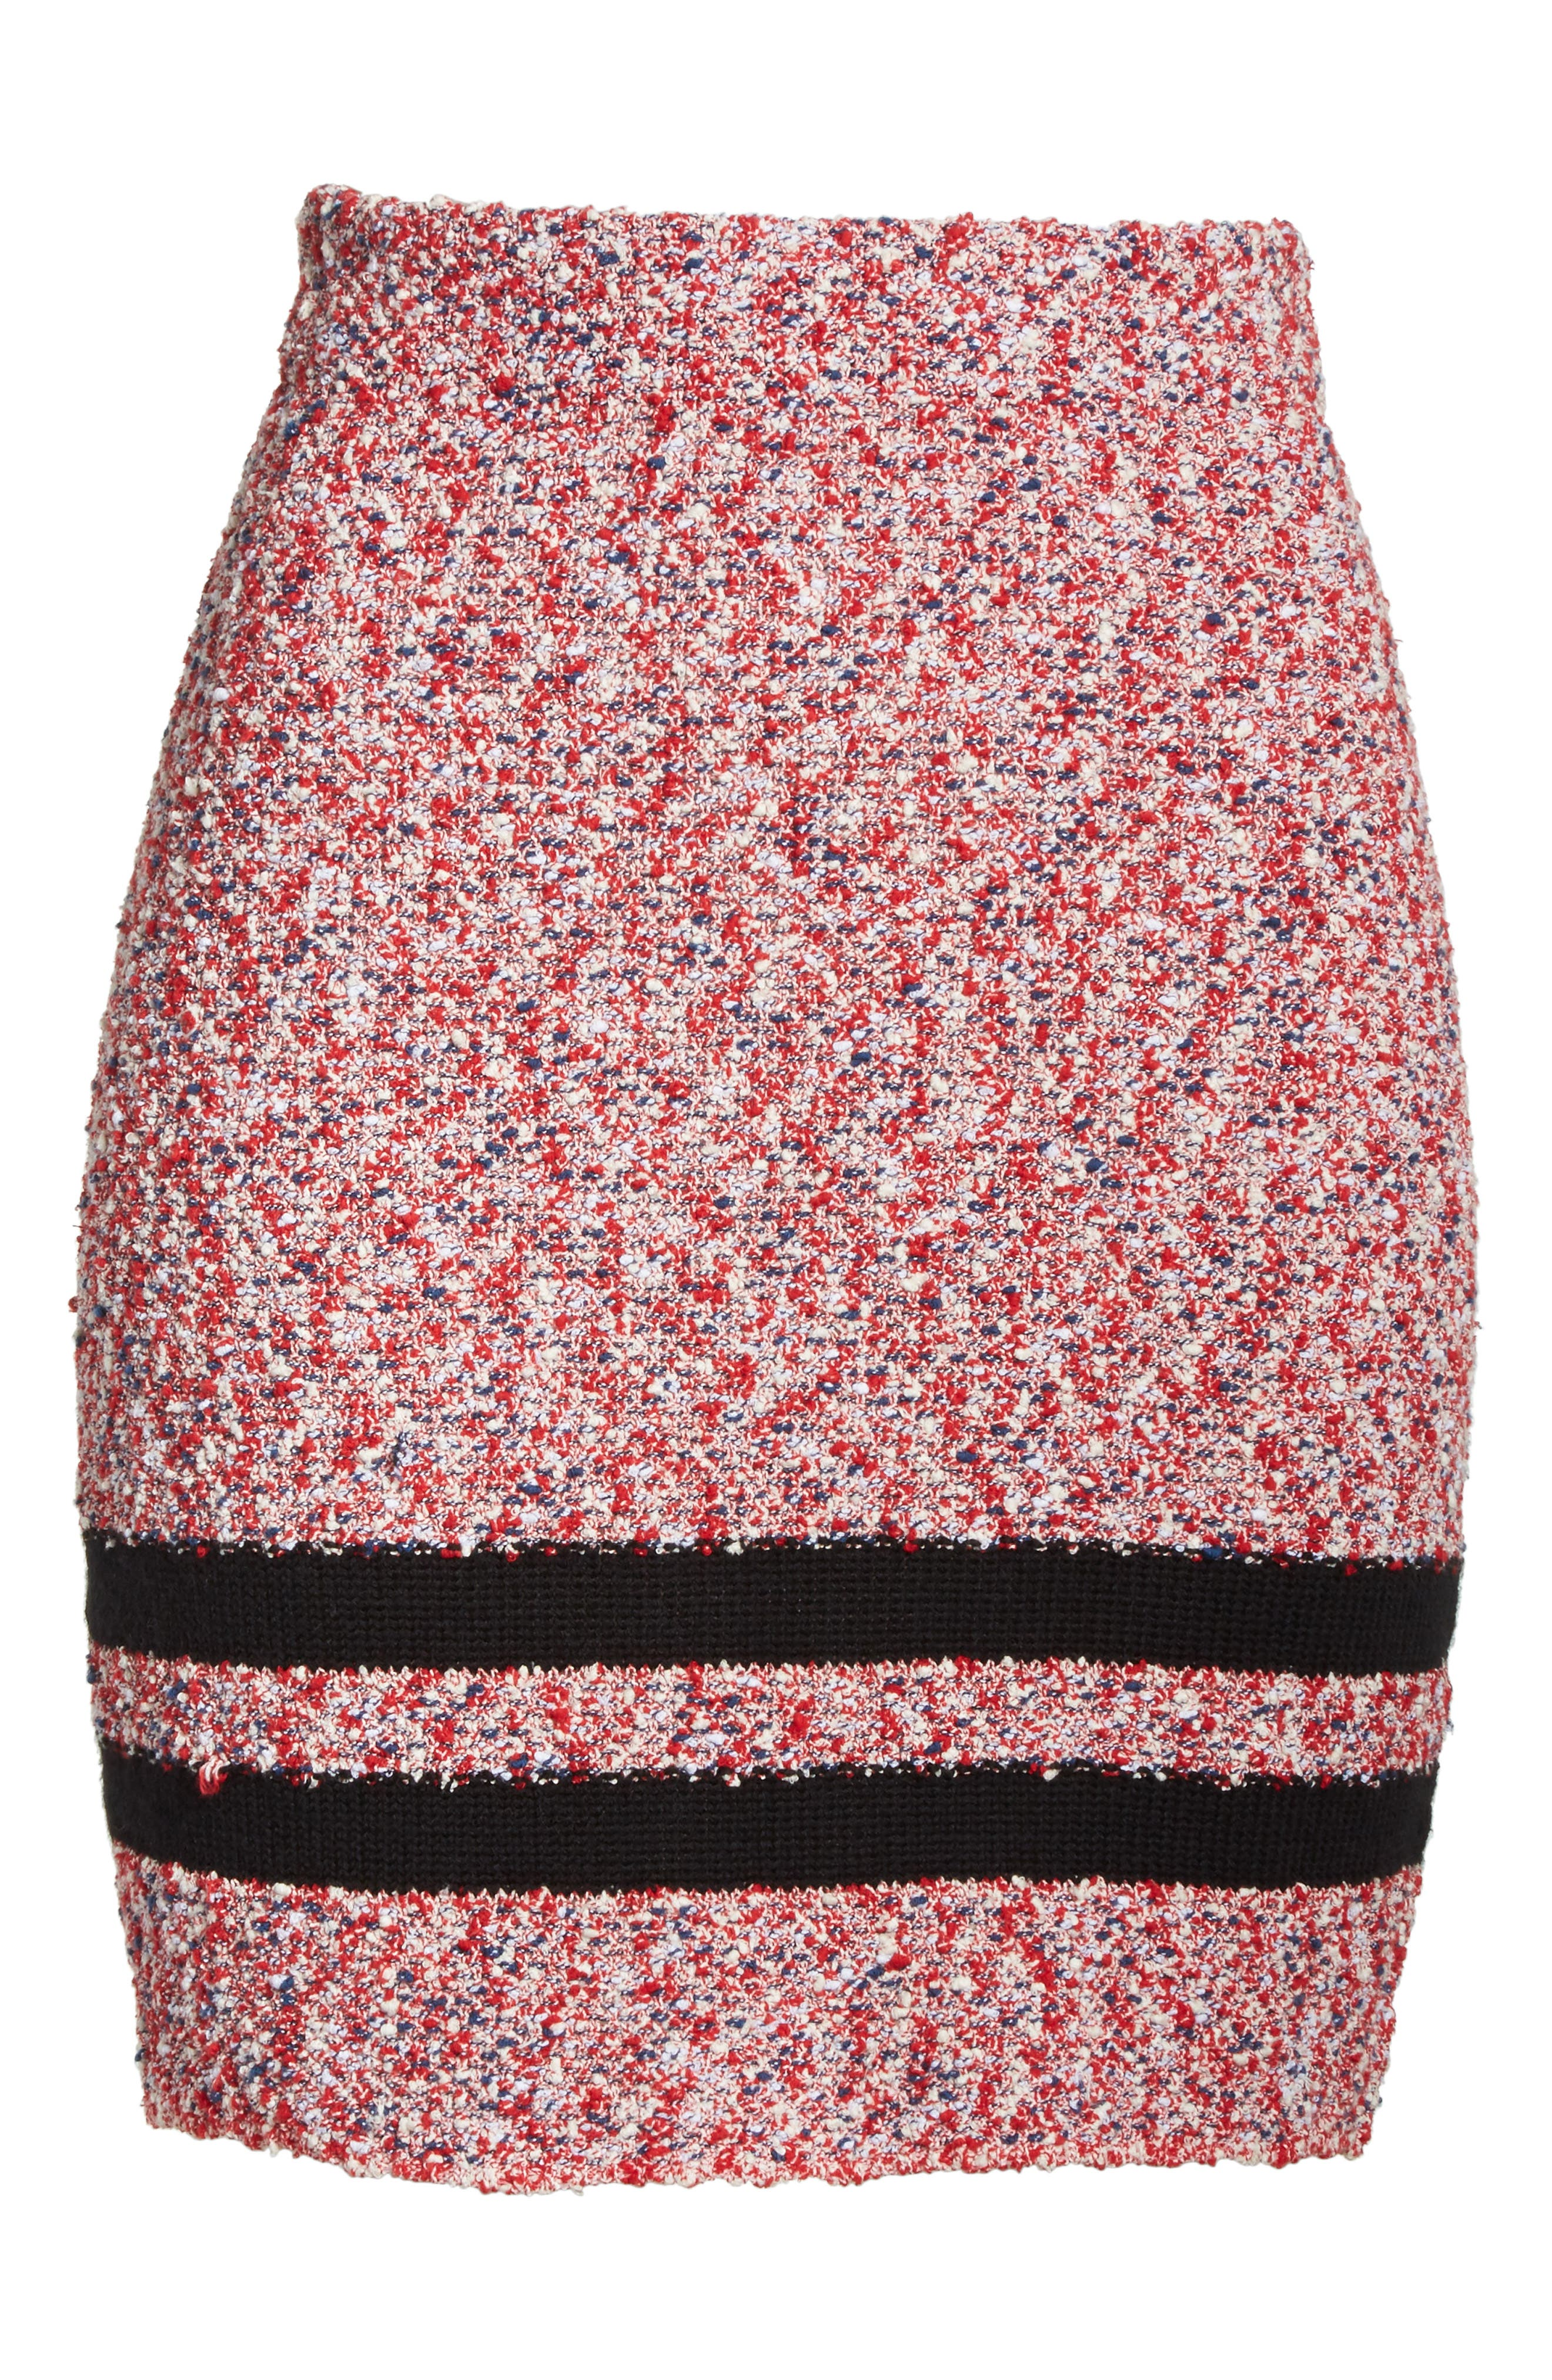 Halstead Tweed Skirt,                             Alternate thumbnail 6, color,                             600